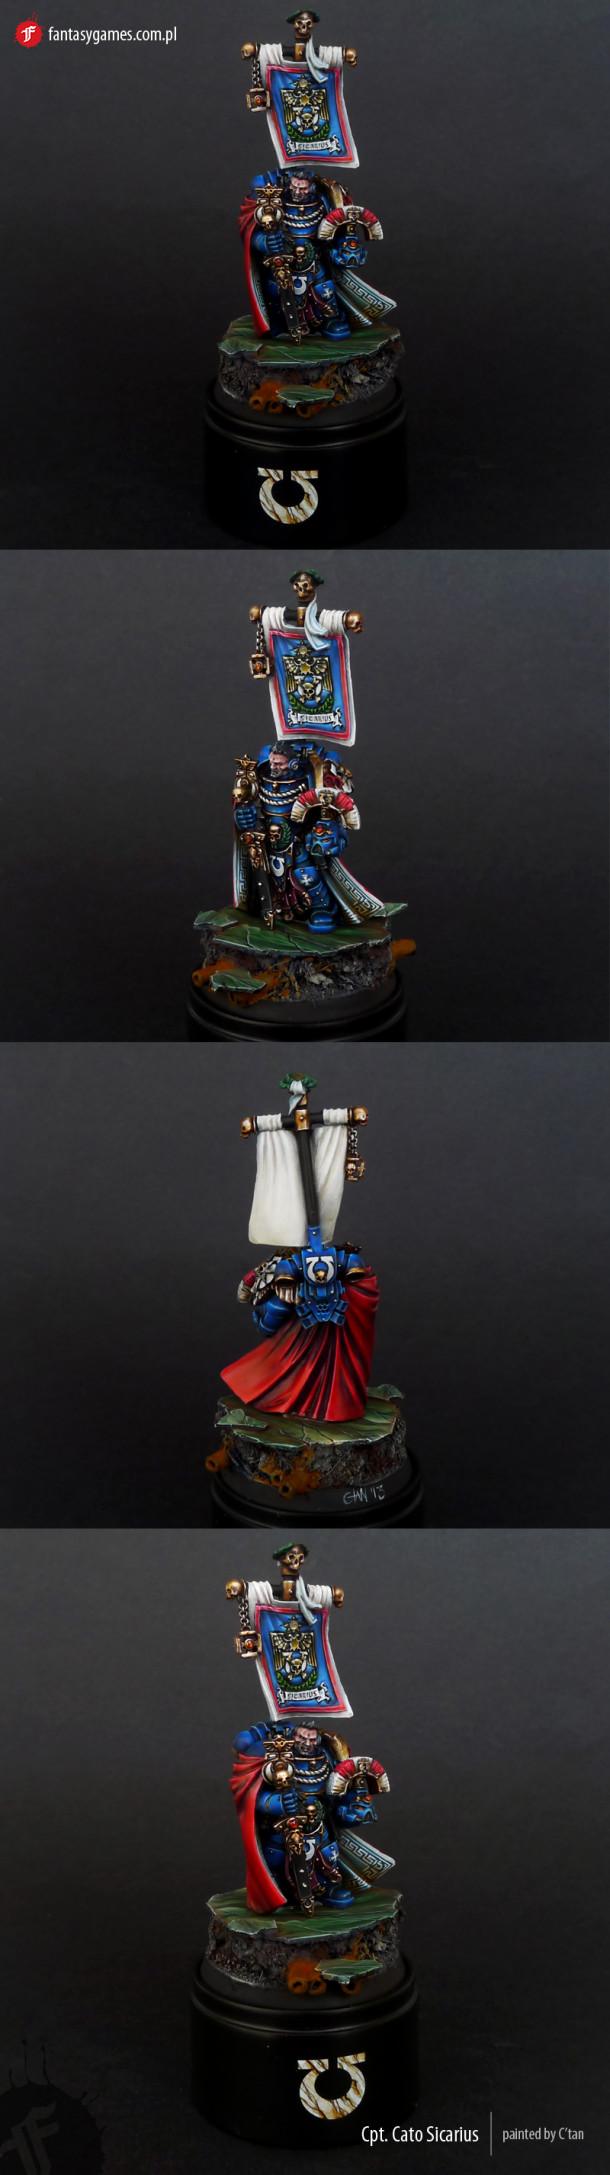 captain-cato-sicarius